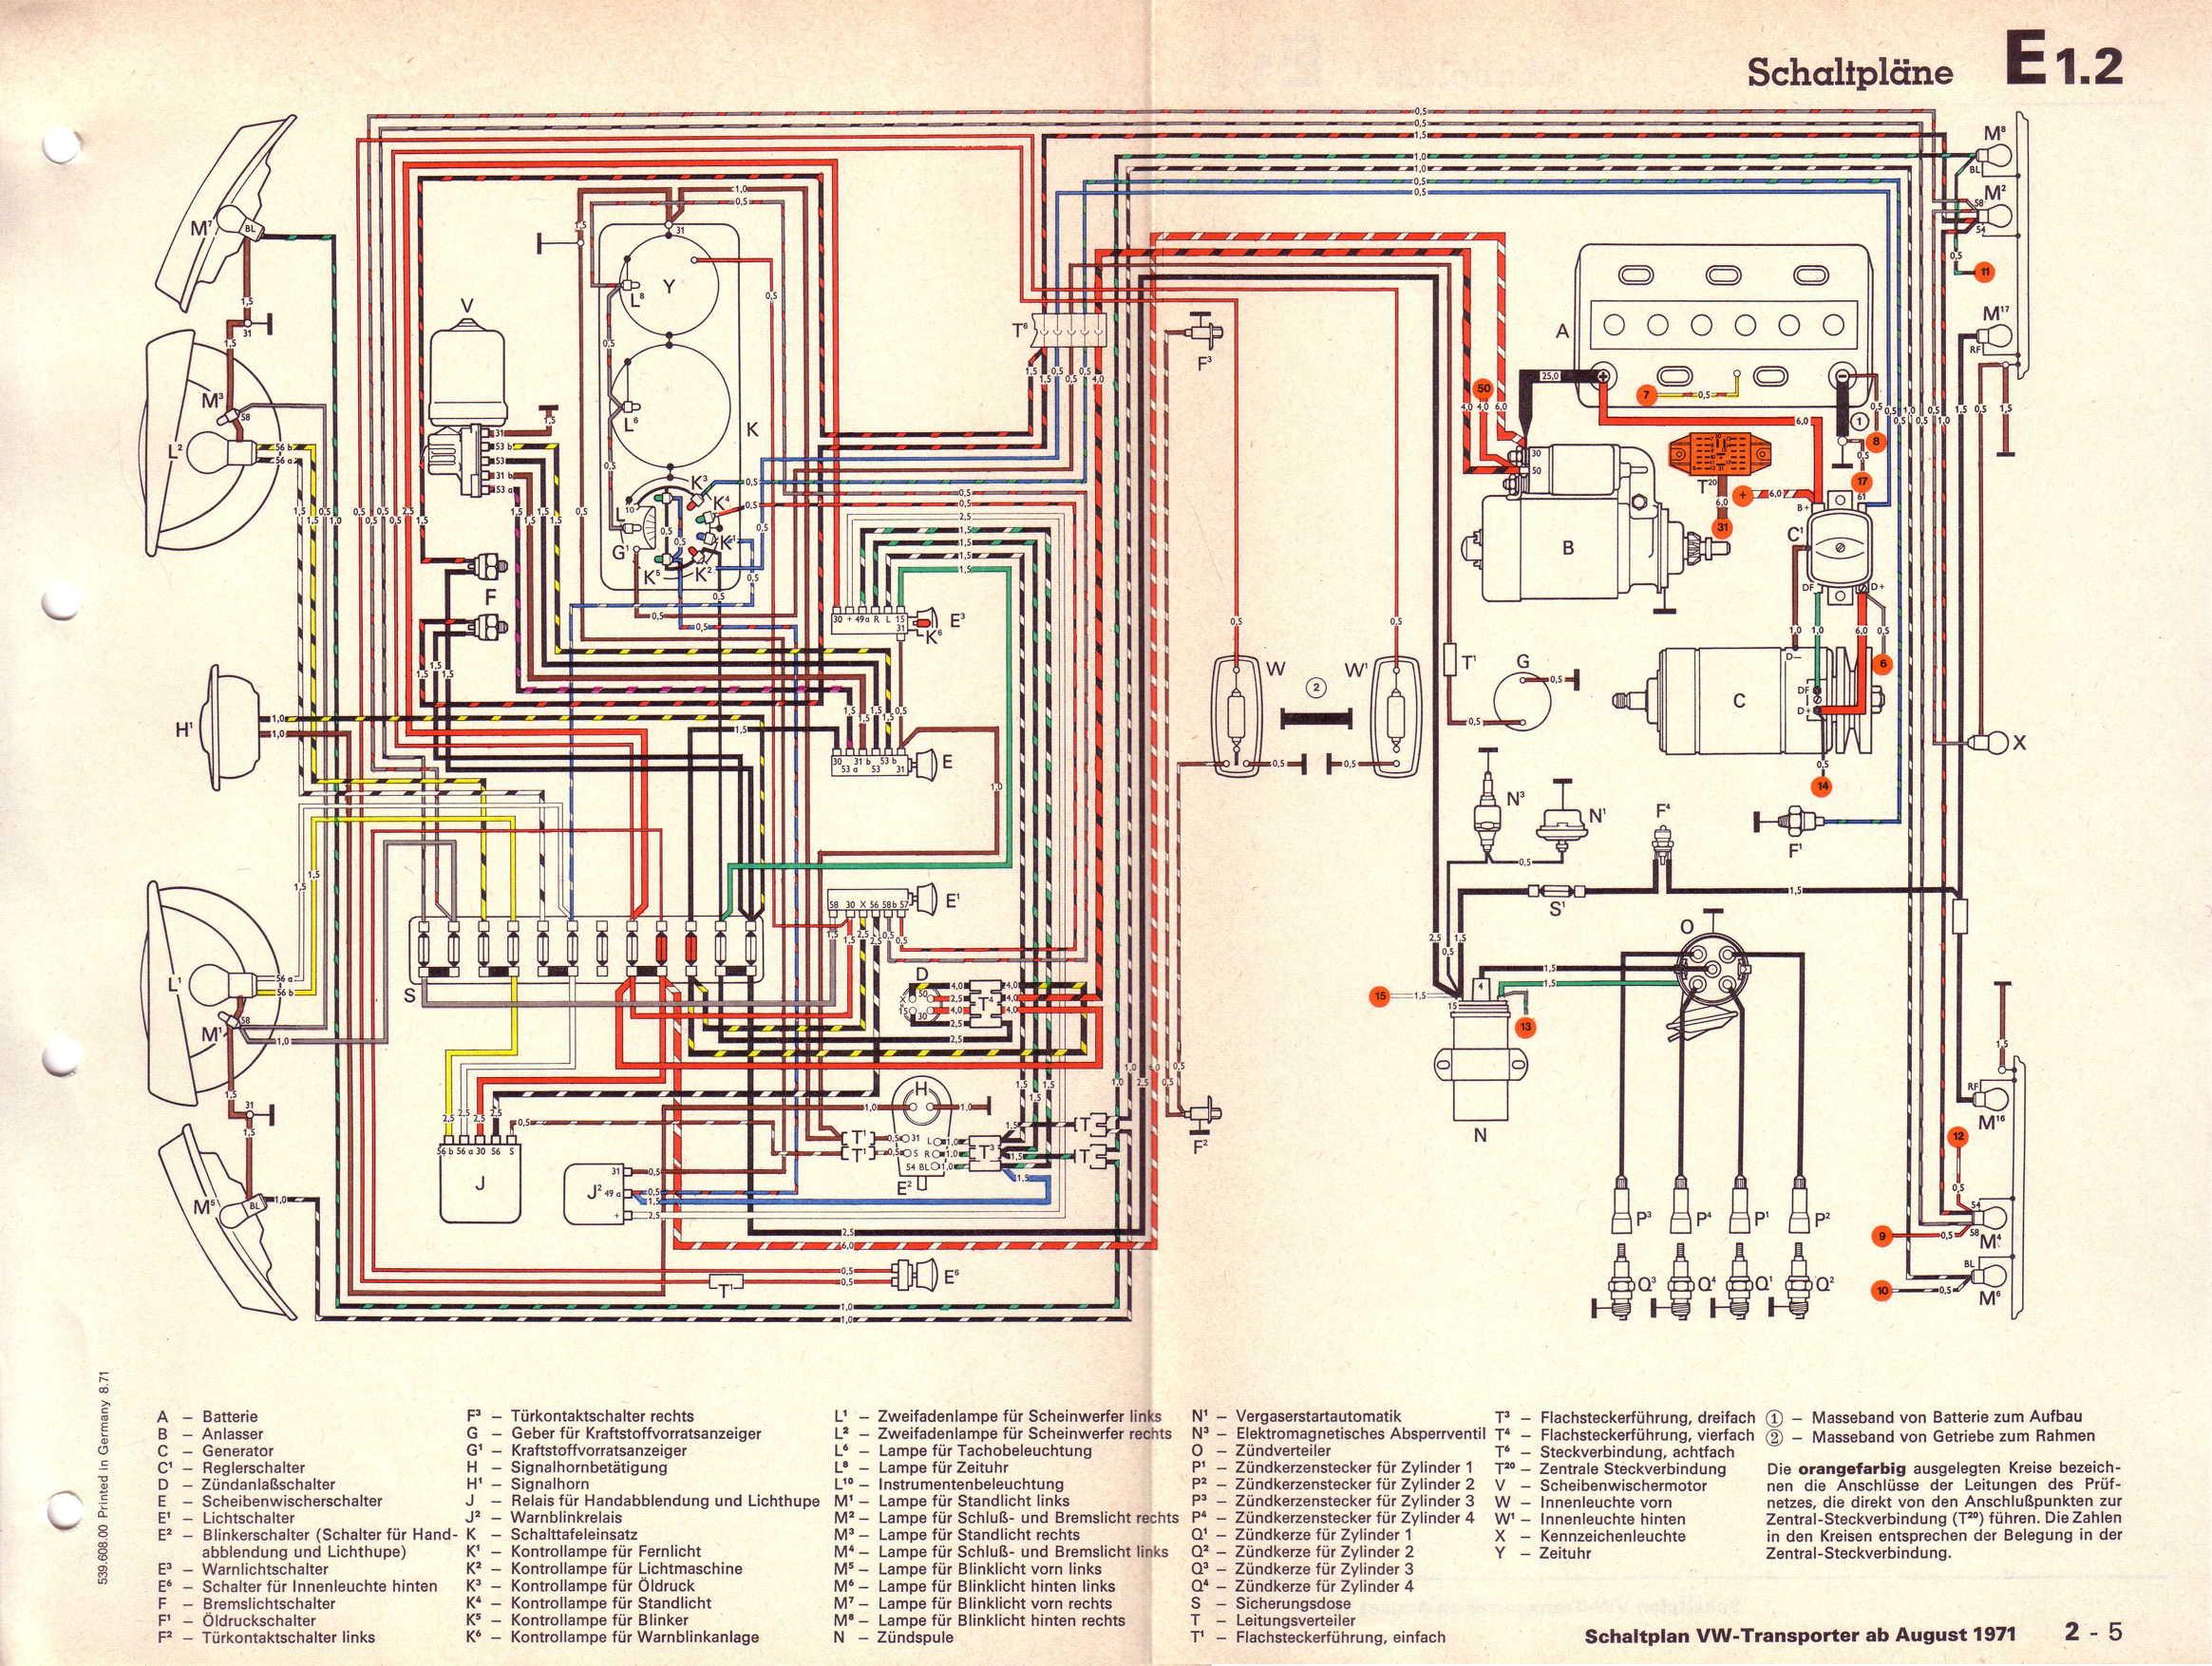 1978 vw bus wiring diagram citroen c3 baduras volkswagen t2 bulli seite stromlaufplane transporter 1 6 l vergasermotor ab august 1971